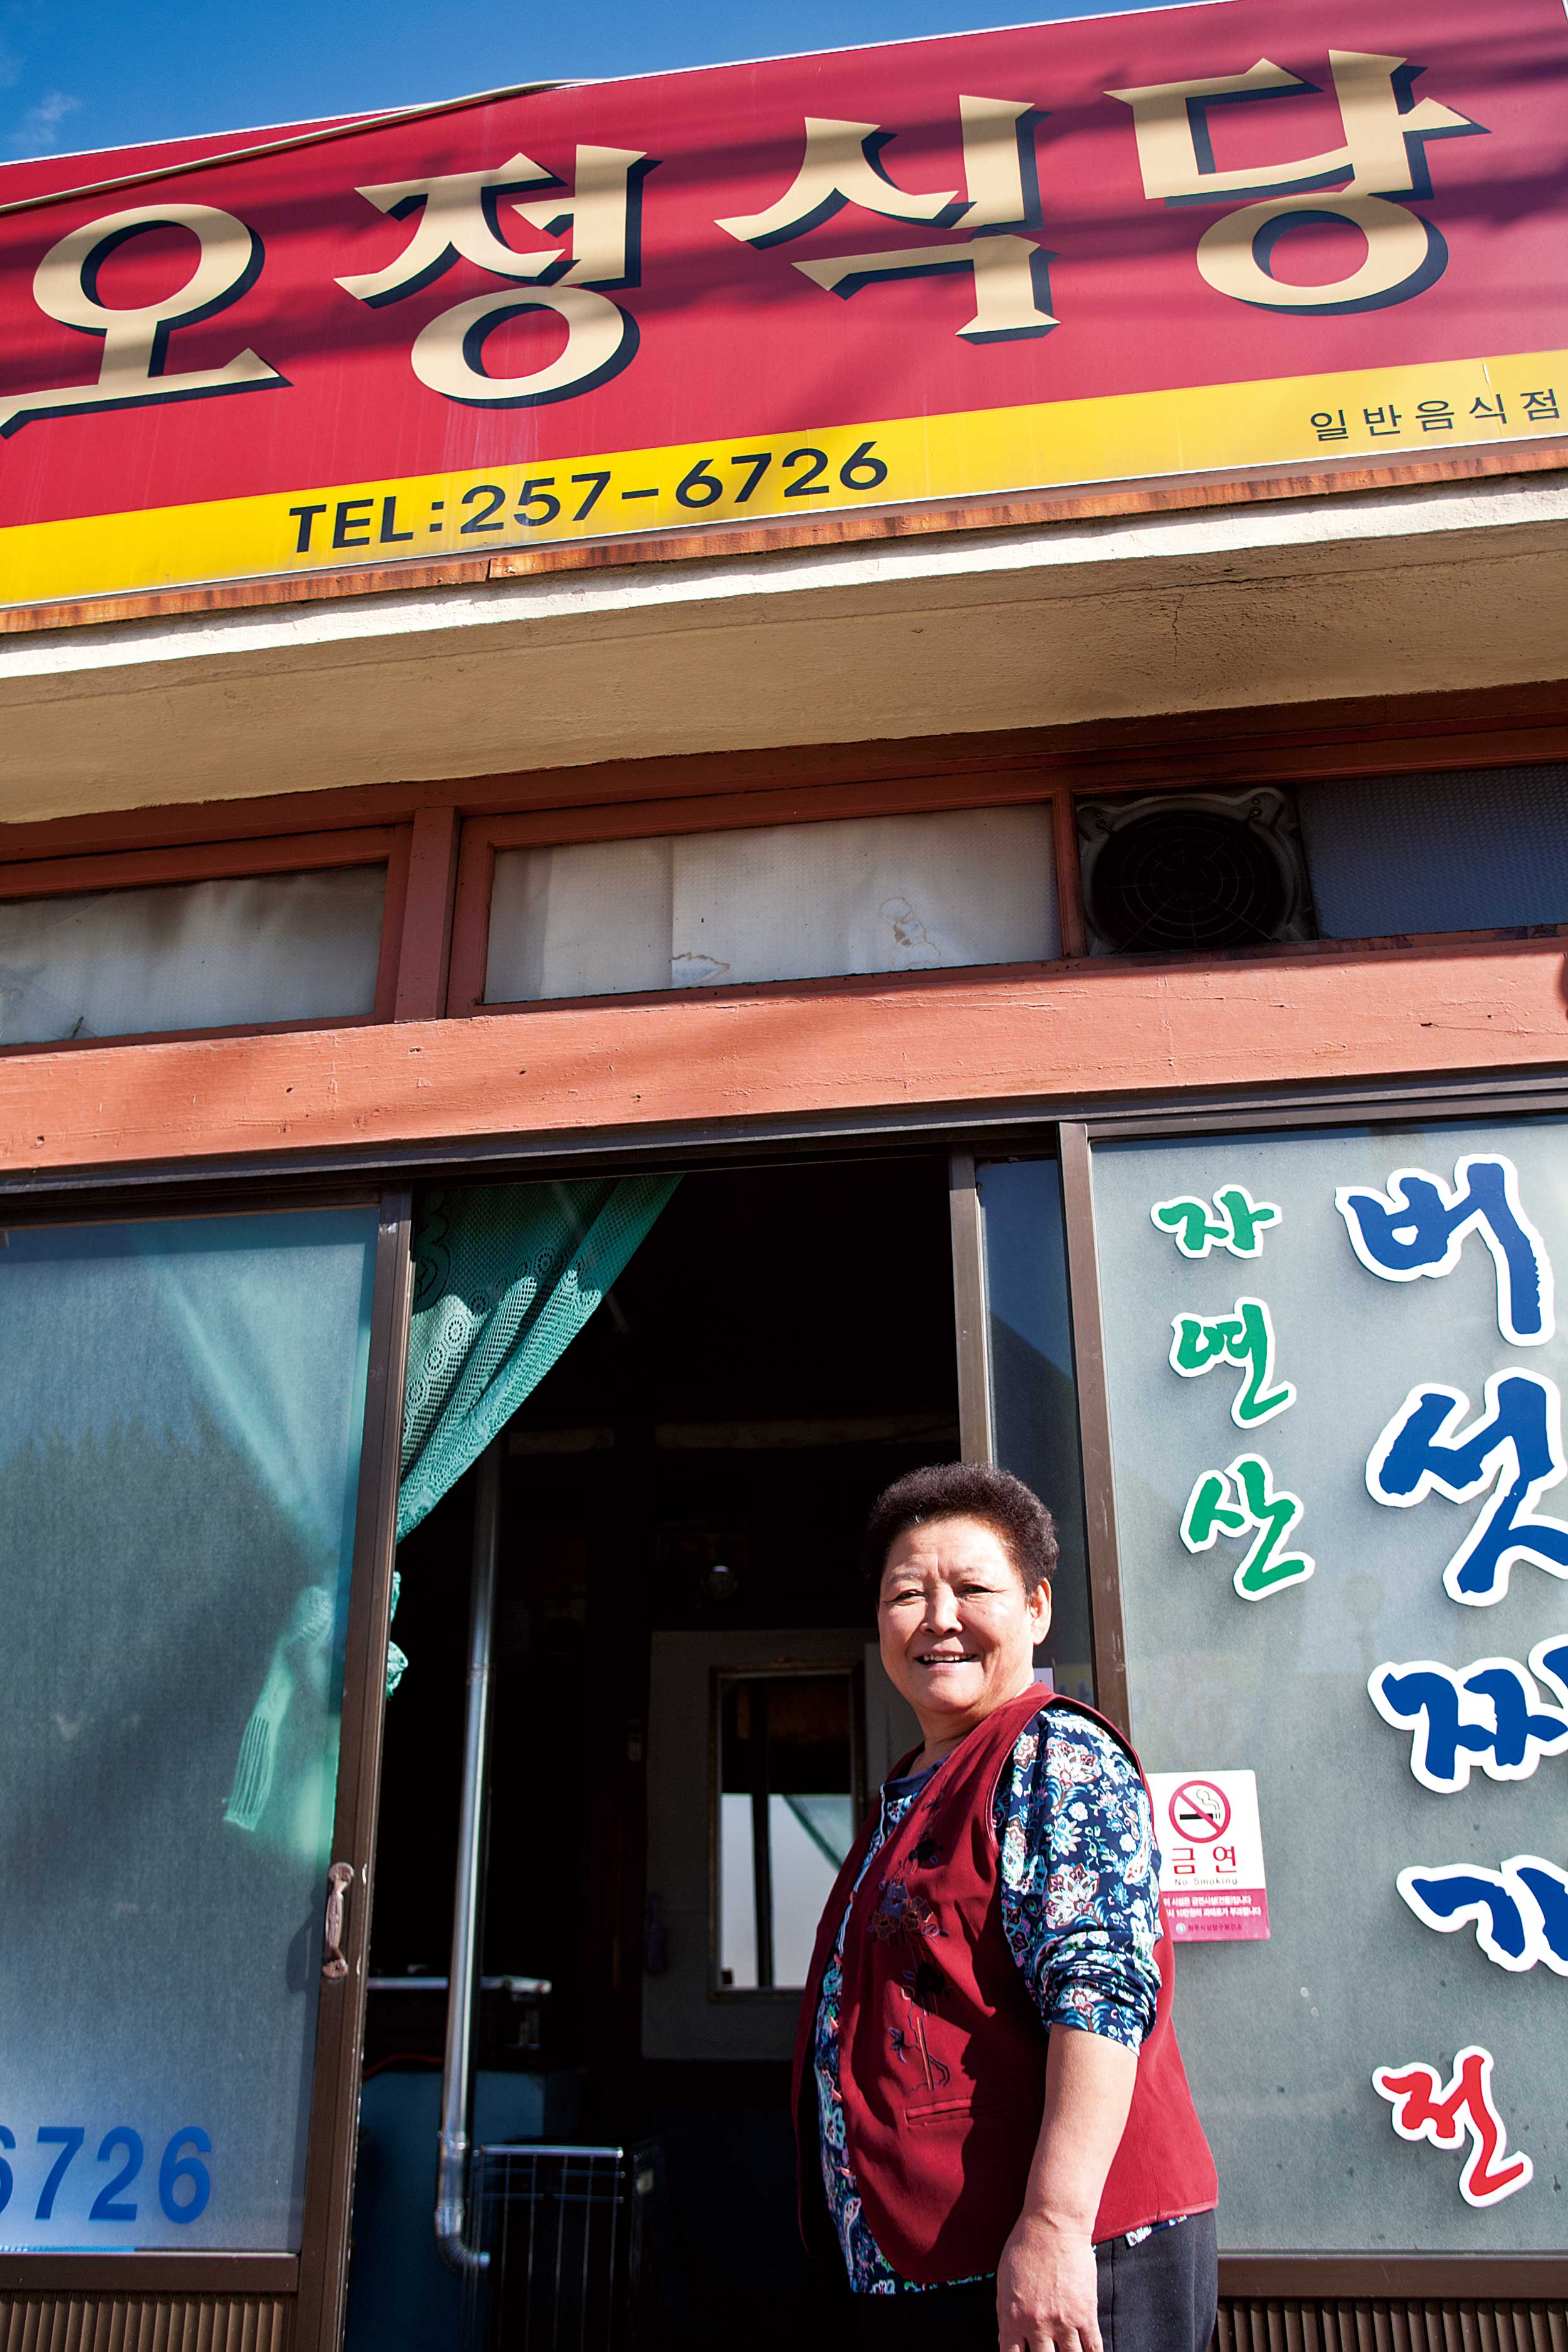 두 딸들은 어머니 오정재 씨를 '오사임당'으로 부르며 감사해한다. © 현관욱